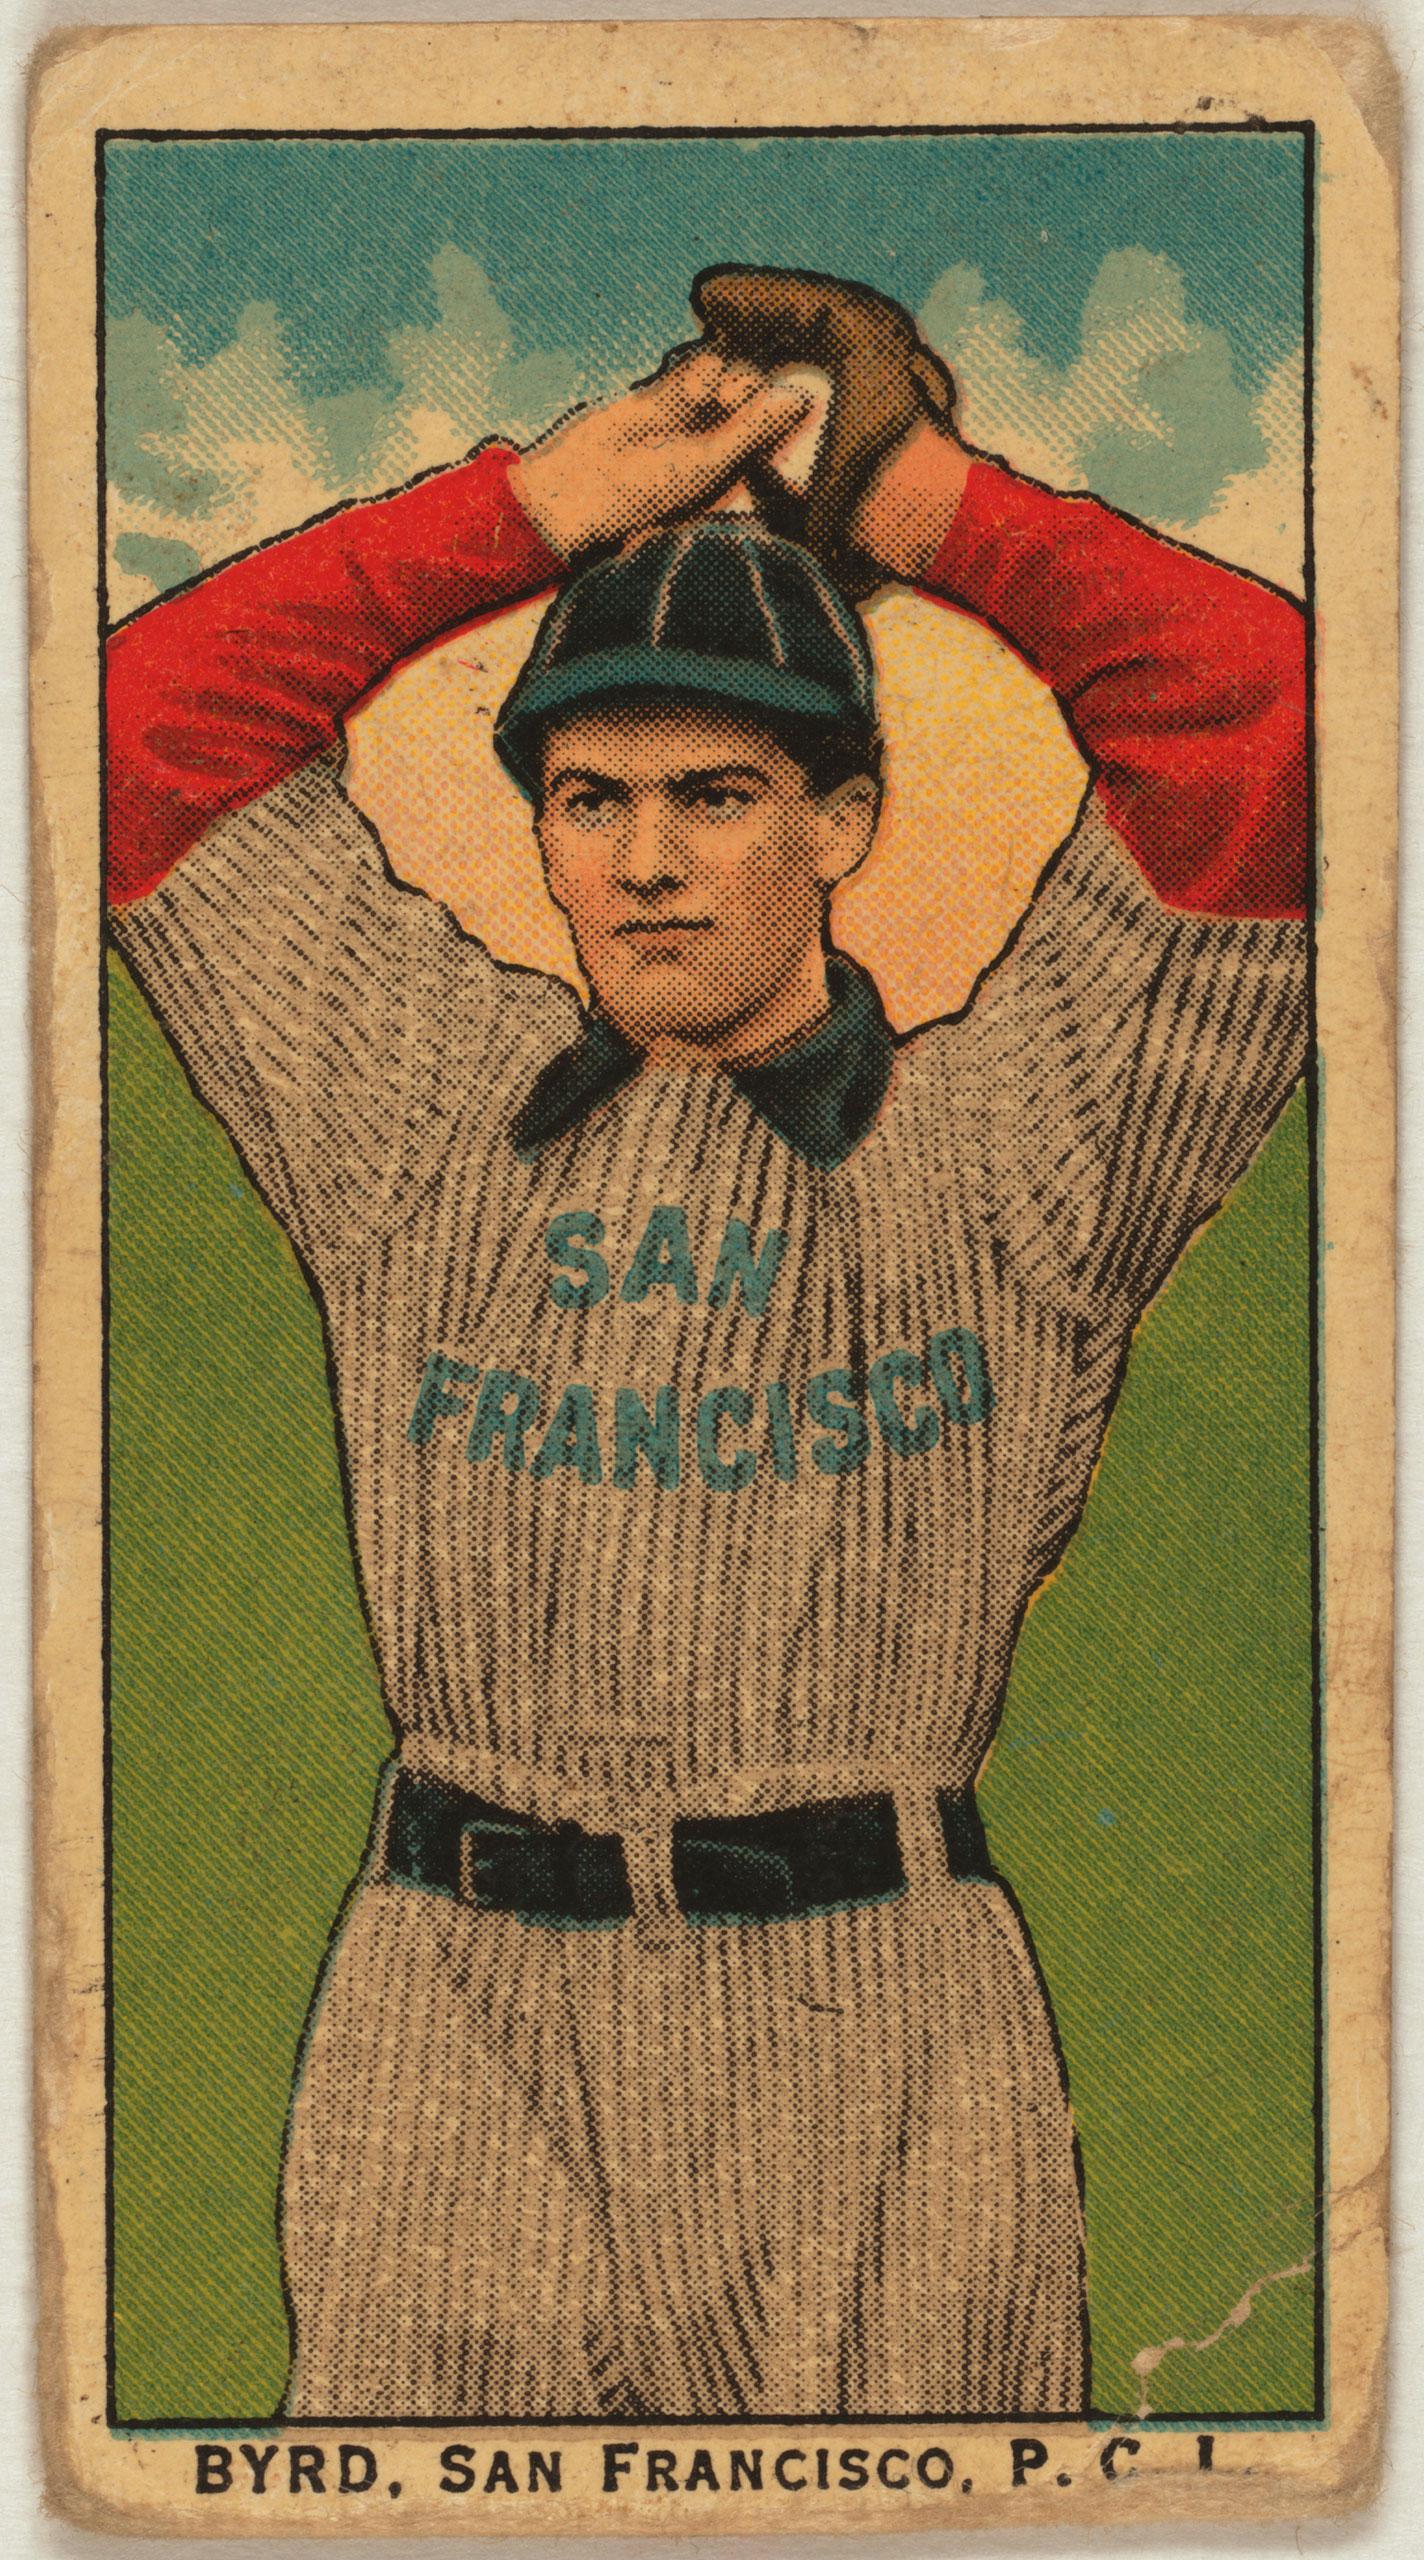 Byrd, San Francisco Team, baseball card, 1910.